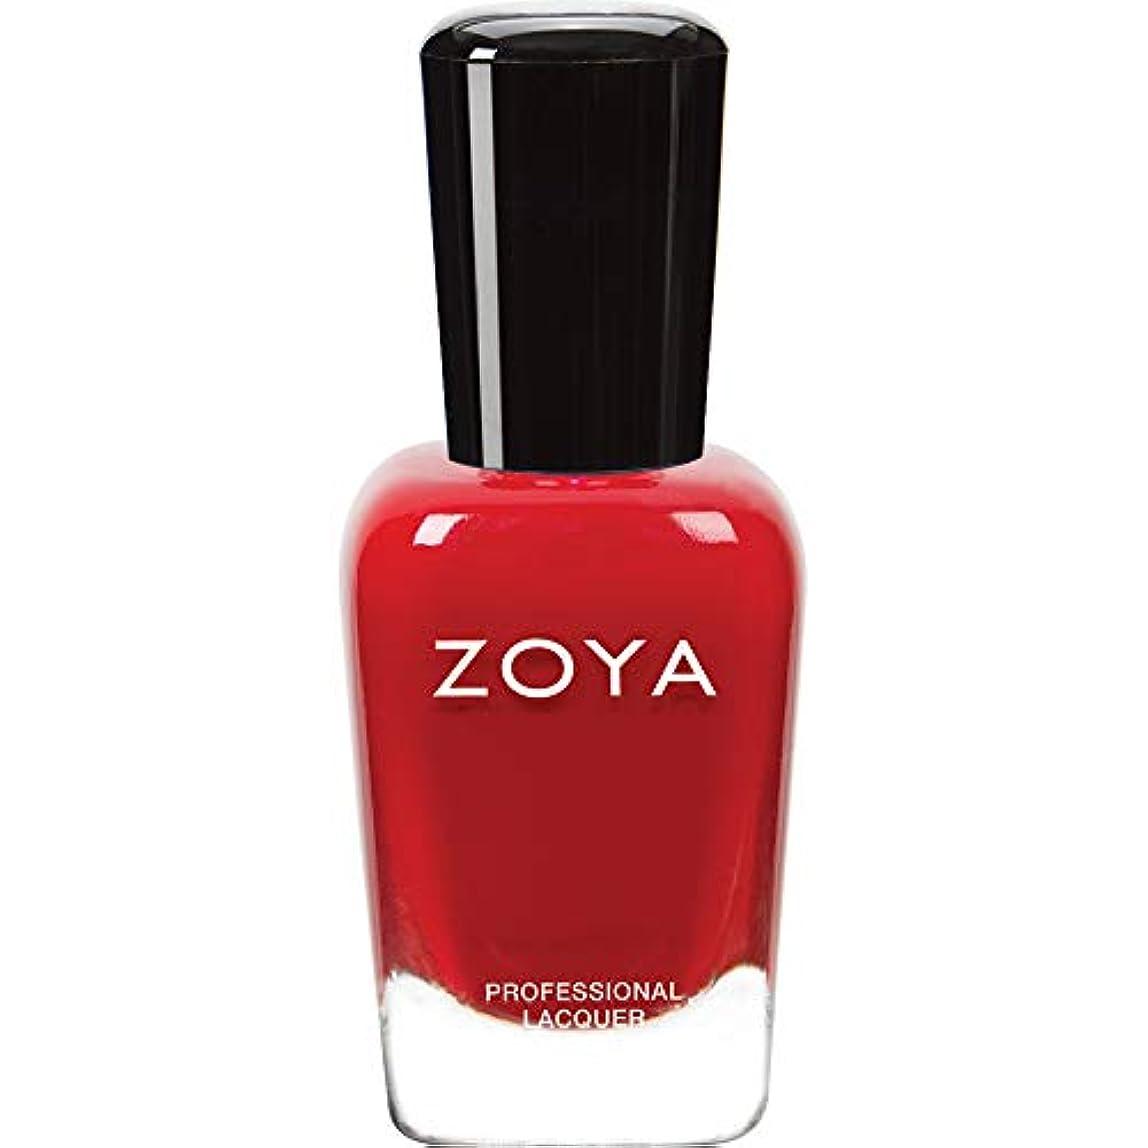 放牧する合併舌なZOYA ゾーヤ ネイルカラーZP001 CARMEN カルメン 15ml 検定カラー 鮮やかなトゥルーレッド マット 爪にやさしいネイルラッカーマニキュア